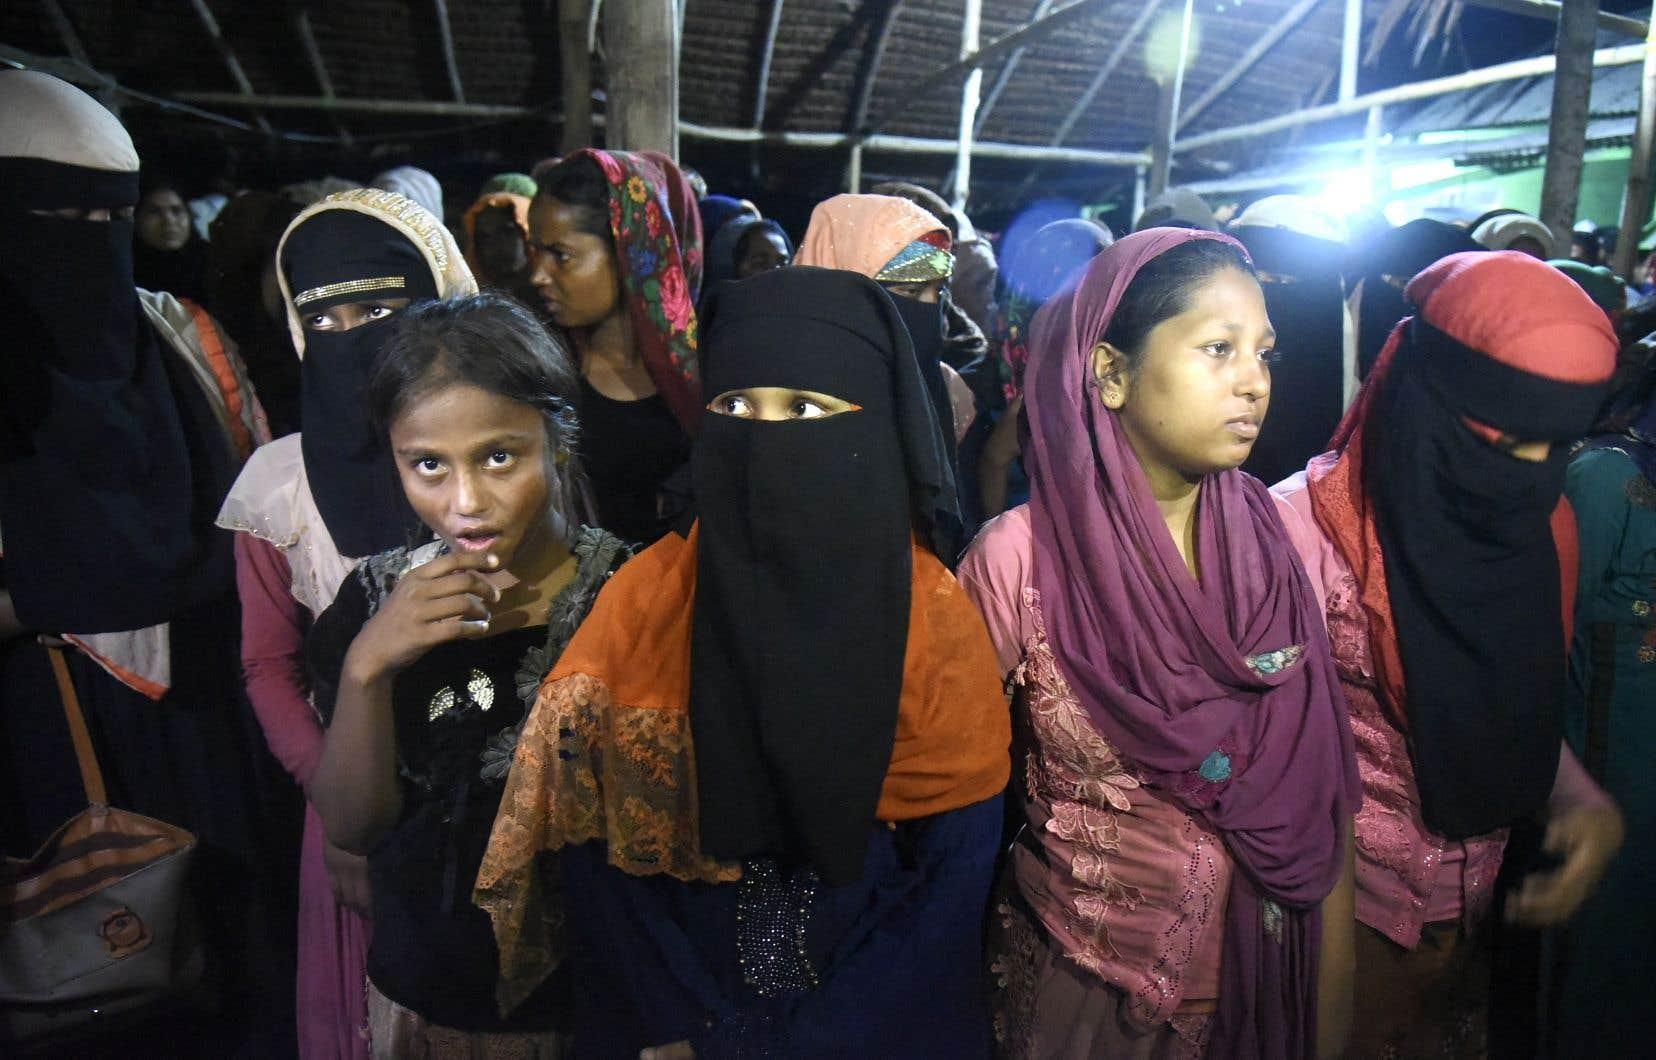 Des réfugiées rohingyas font escale à Lhokseumawe, en Indonésie.